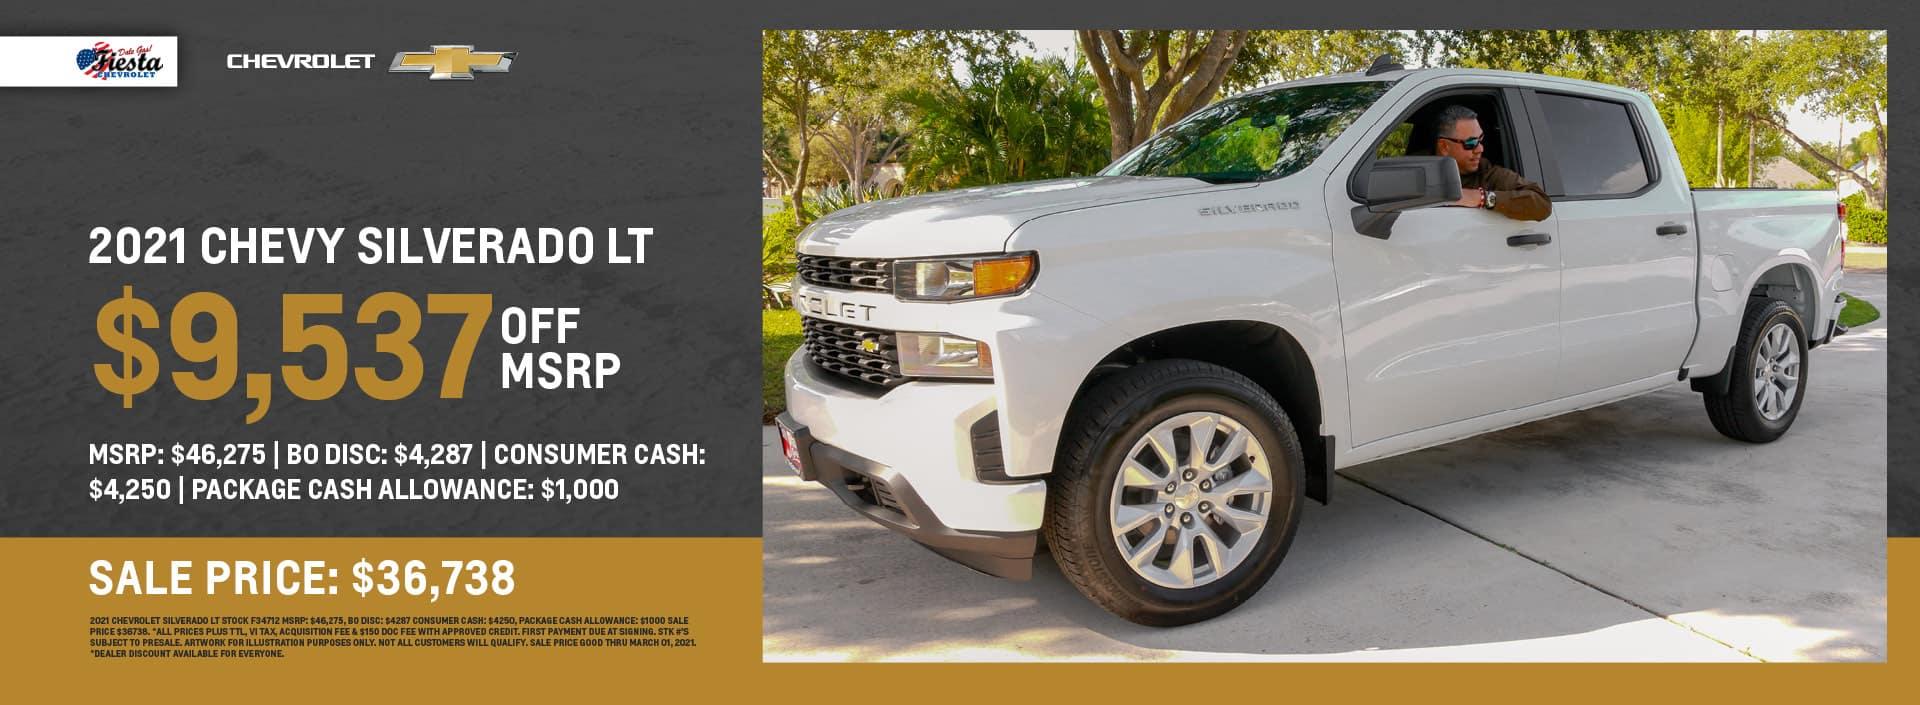 BOFiesta-Chevrolet-Specials-1920X705-2021SILVERADO_LT